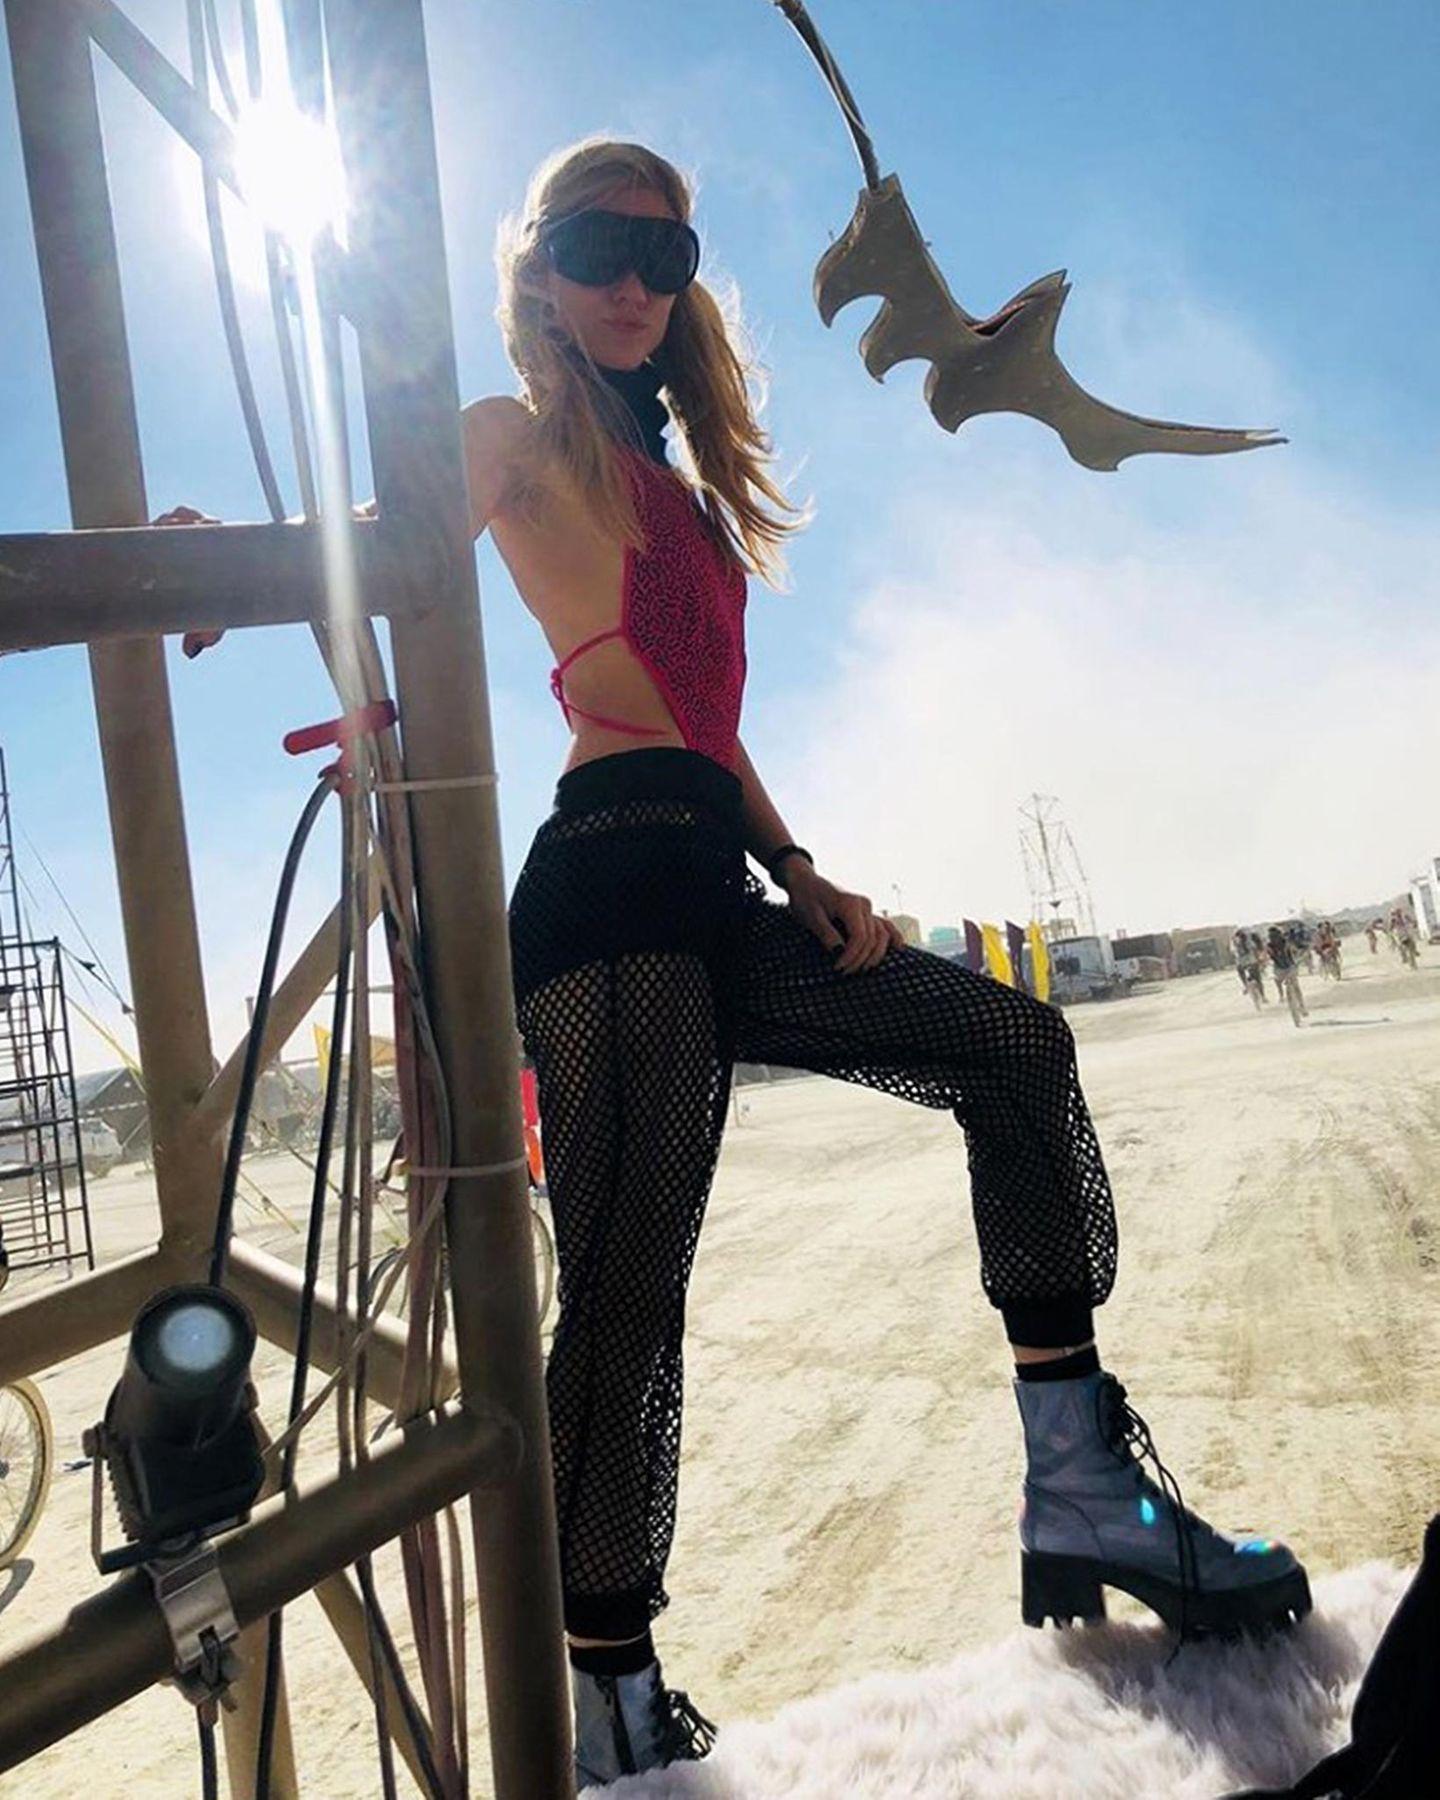 """Auch """"Sturm der Liebe""""-Star Larissa Marolt besucht das """"Burning Man""""-Festival im Netzoptik-Look. Und mit der futuristischen Sonnebrille sind auchihre Augen perfekt vor der sengenden Sonne geschützt."""